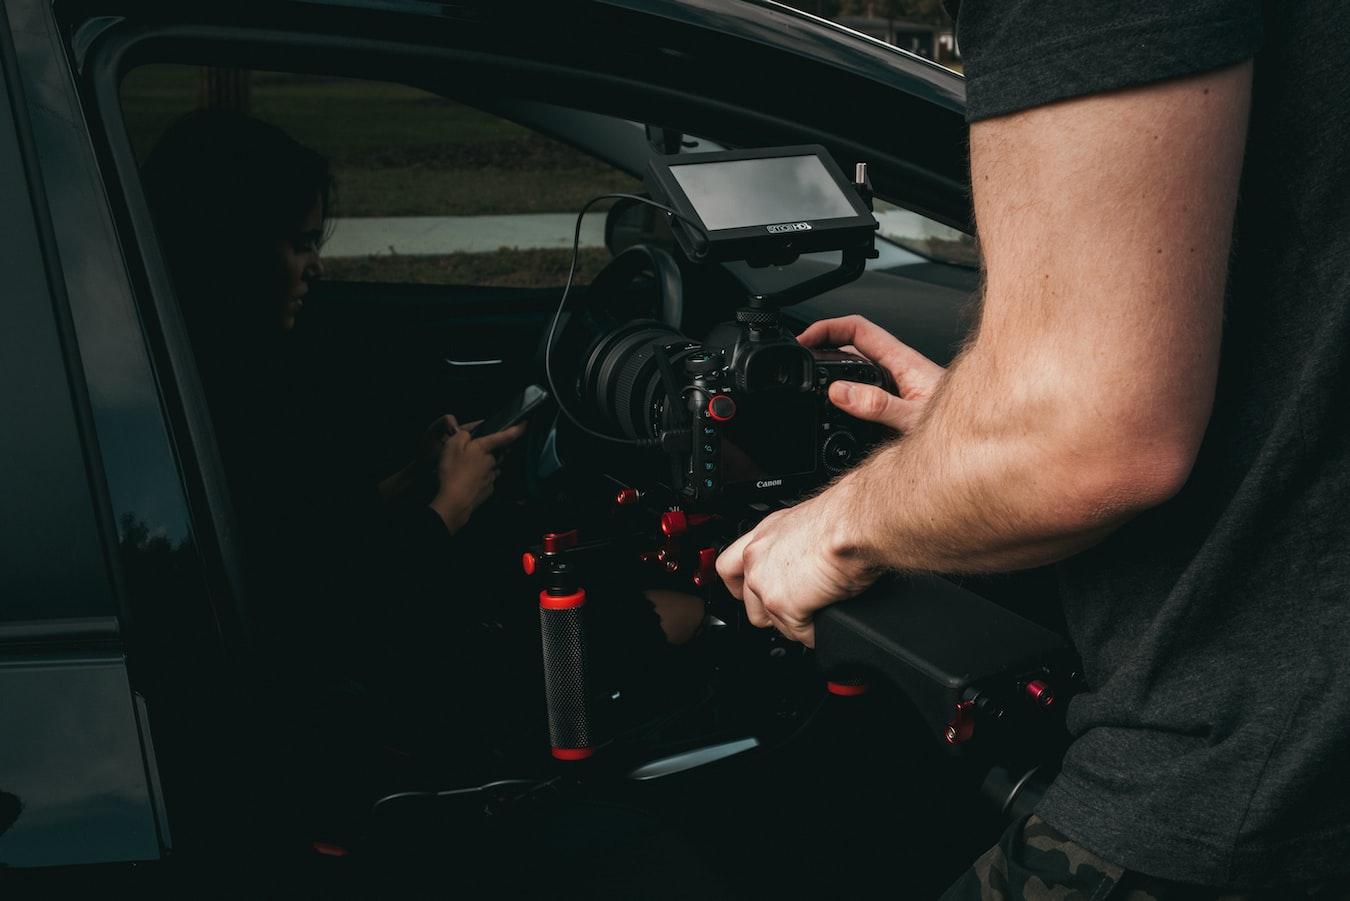 Belajar Videografi#1: Pengertian Videografi dan Penjelasannya